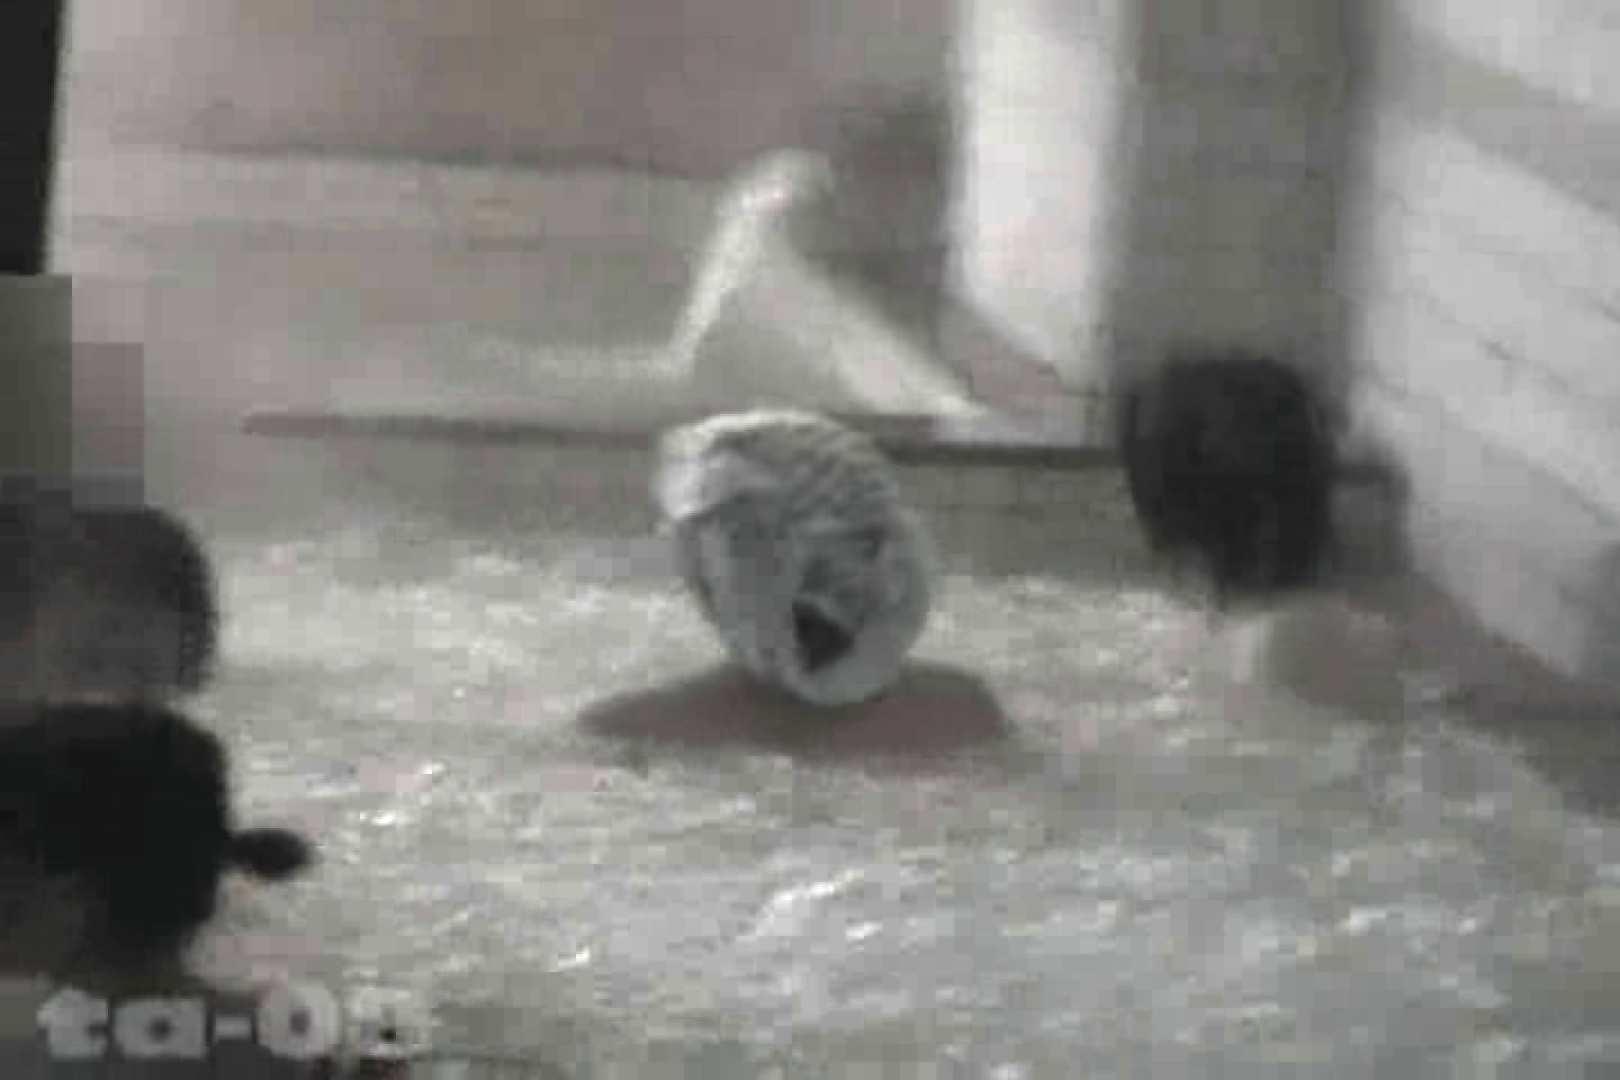 合宿ホテル女風呂盗撮高画質版 Vol.08 盗撮で悶絶  90画像 35